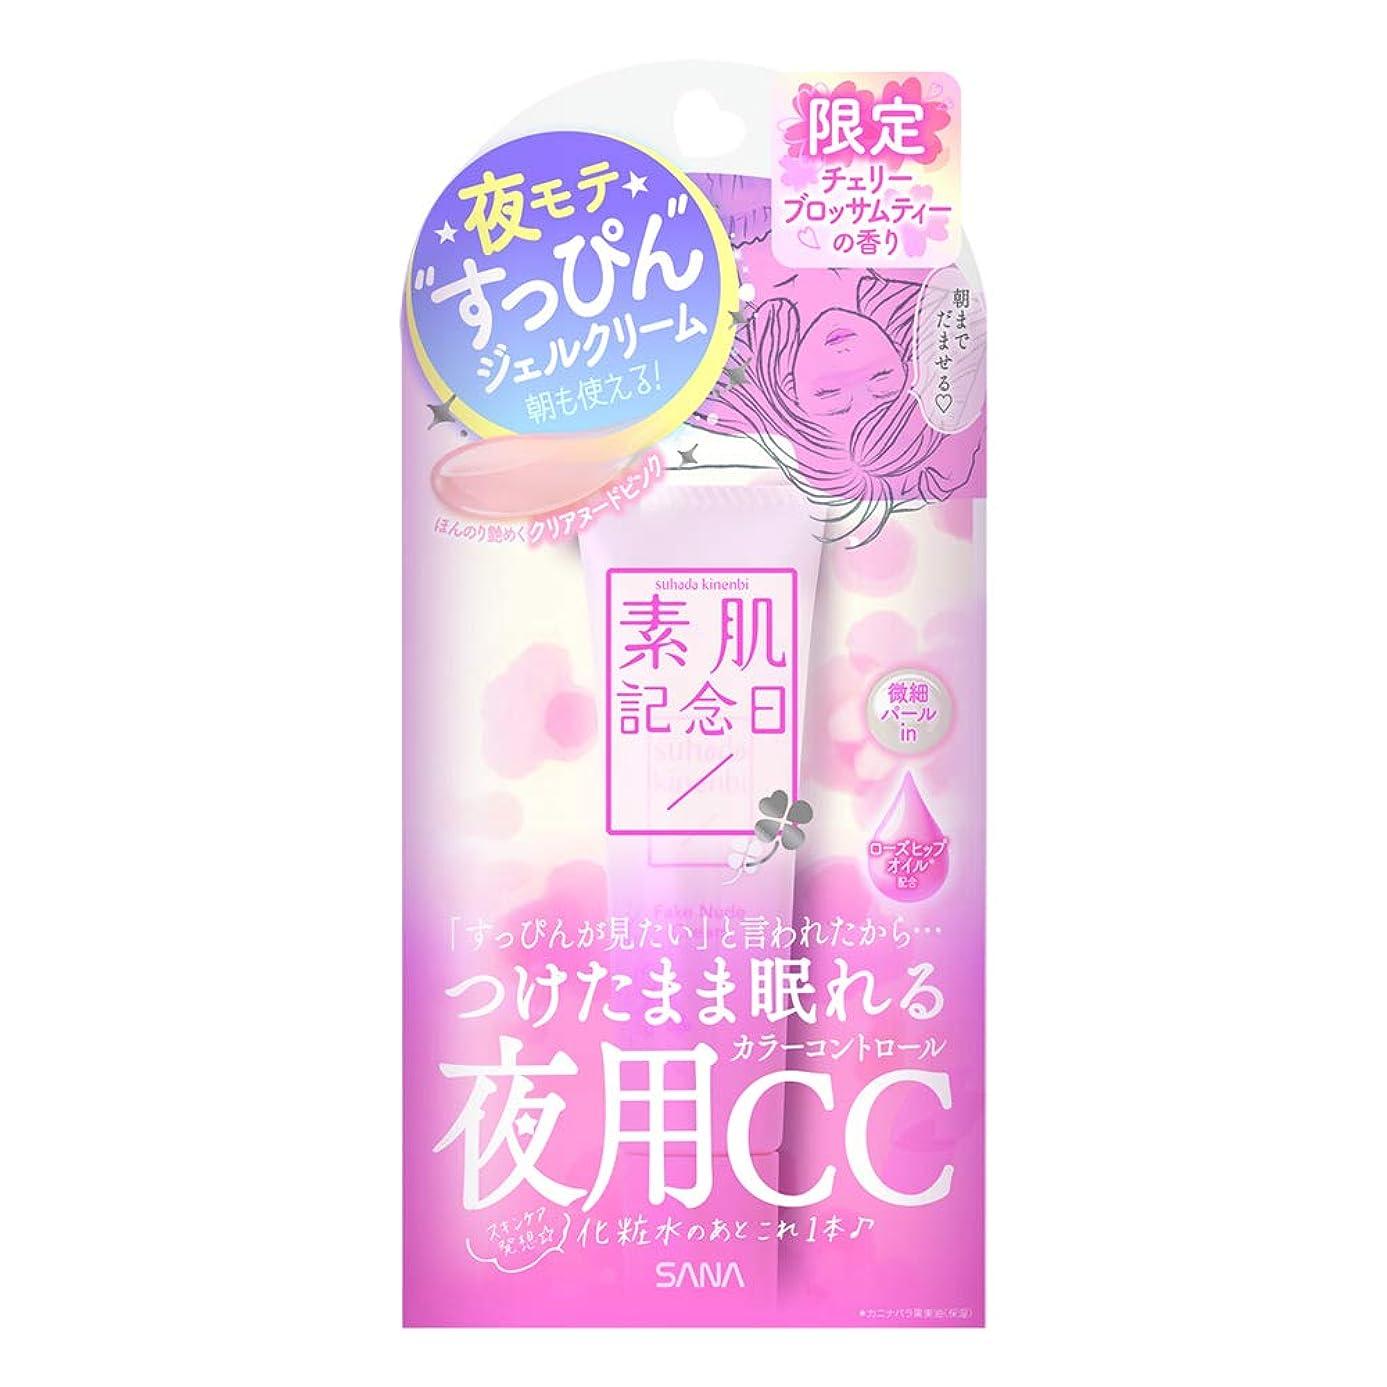 しつけ泥沼結果素肌記念日 フェイクヌードクリーム ヌードピンク チェリーブロッサムティの香り 30g